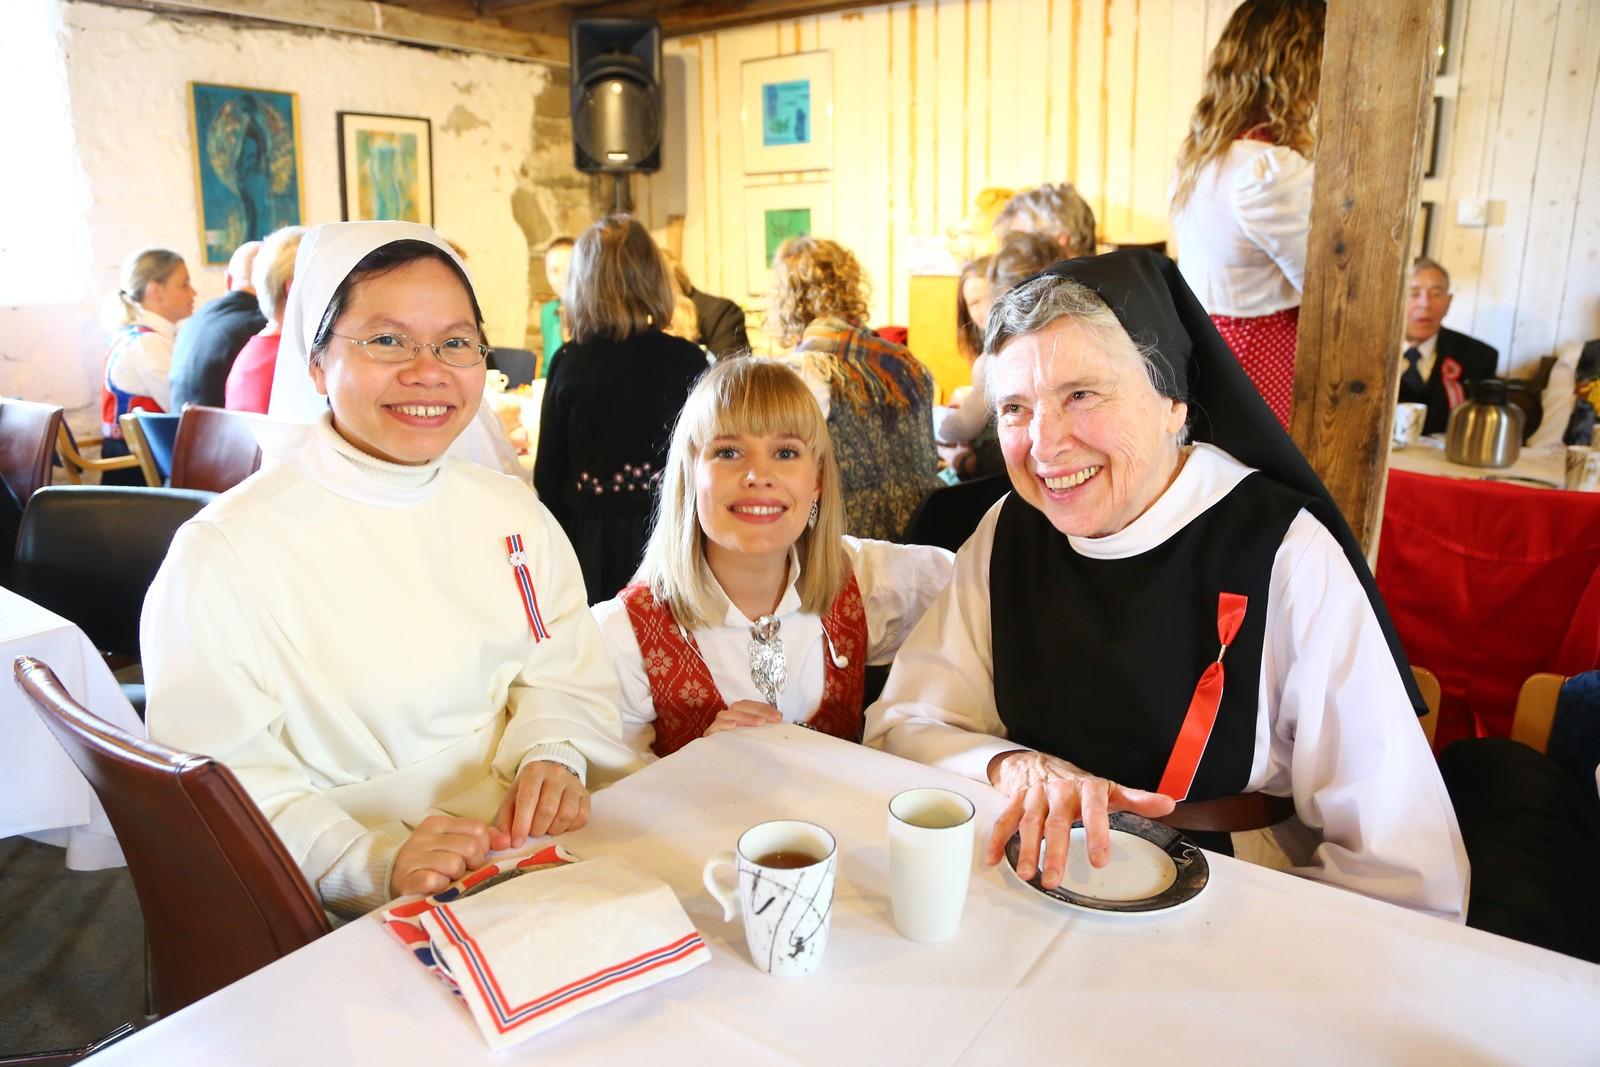 NRK Trøndelags TV-team, Mari Svenning og fotograf Morten Andersen, startet 17.mai-dagen sammen med nonnene på Tautra.